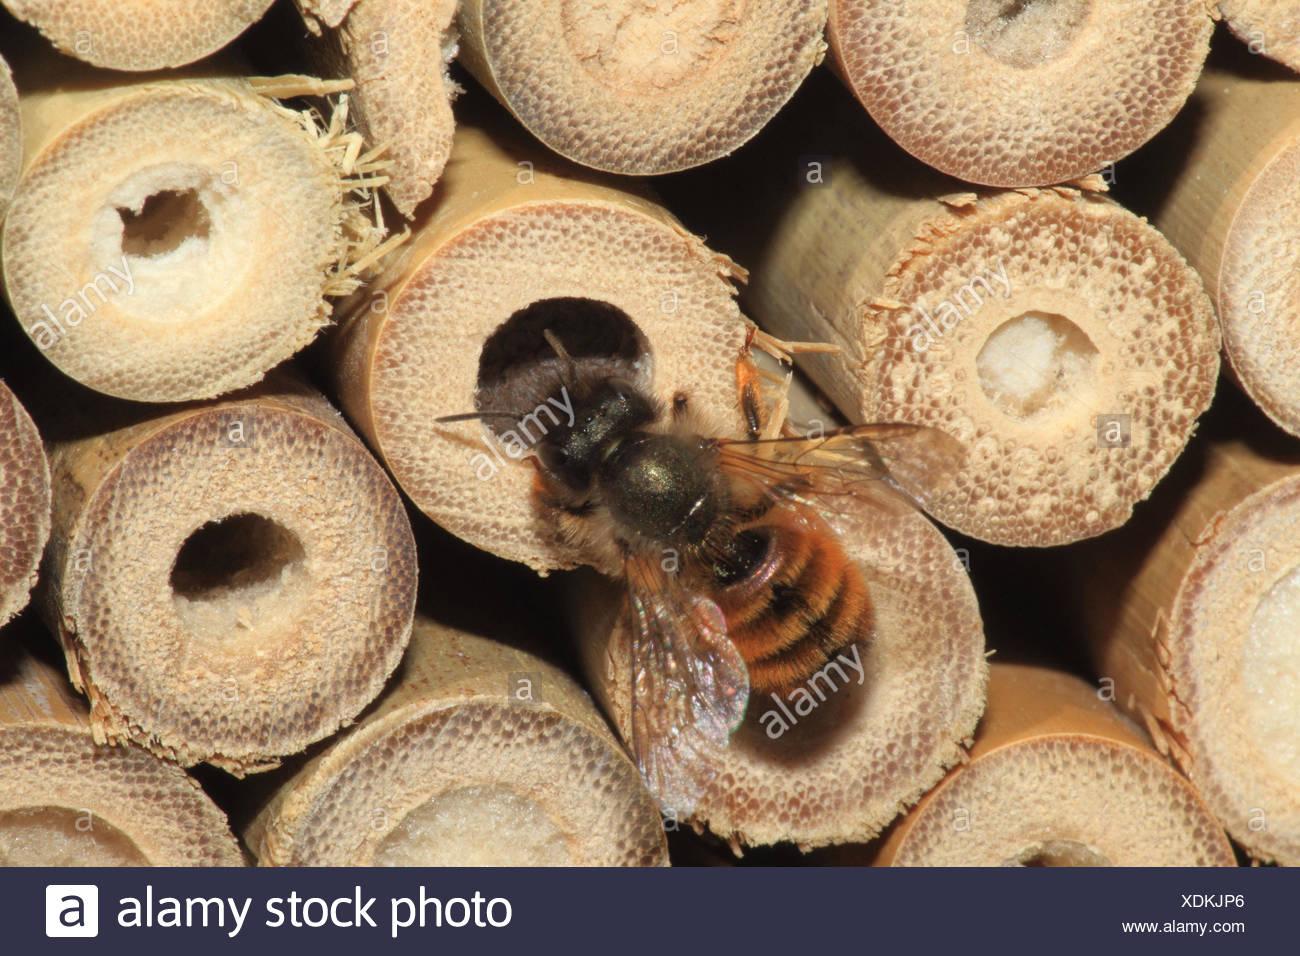 Muraglia difensiva bee, fossa di covata, medium close-up, formato orizzontale, insetti, animali, animale selvatico, casa di insetto, api, Germania, Immagini Stock